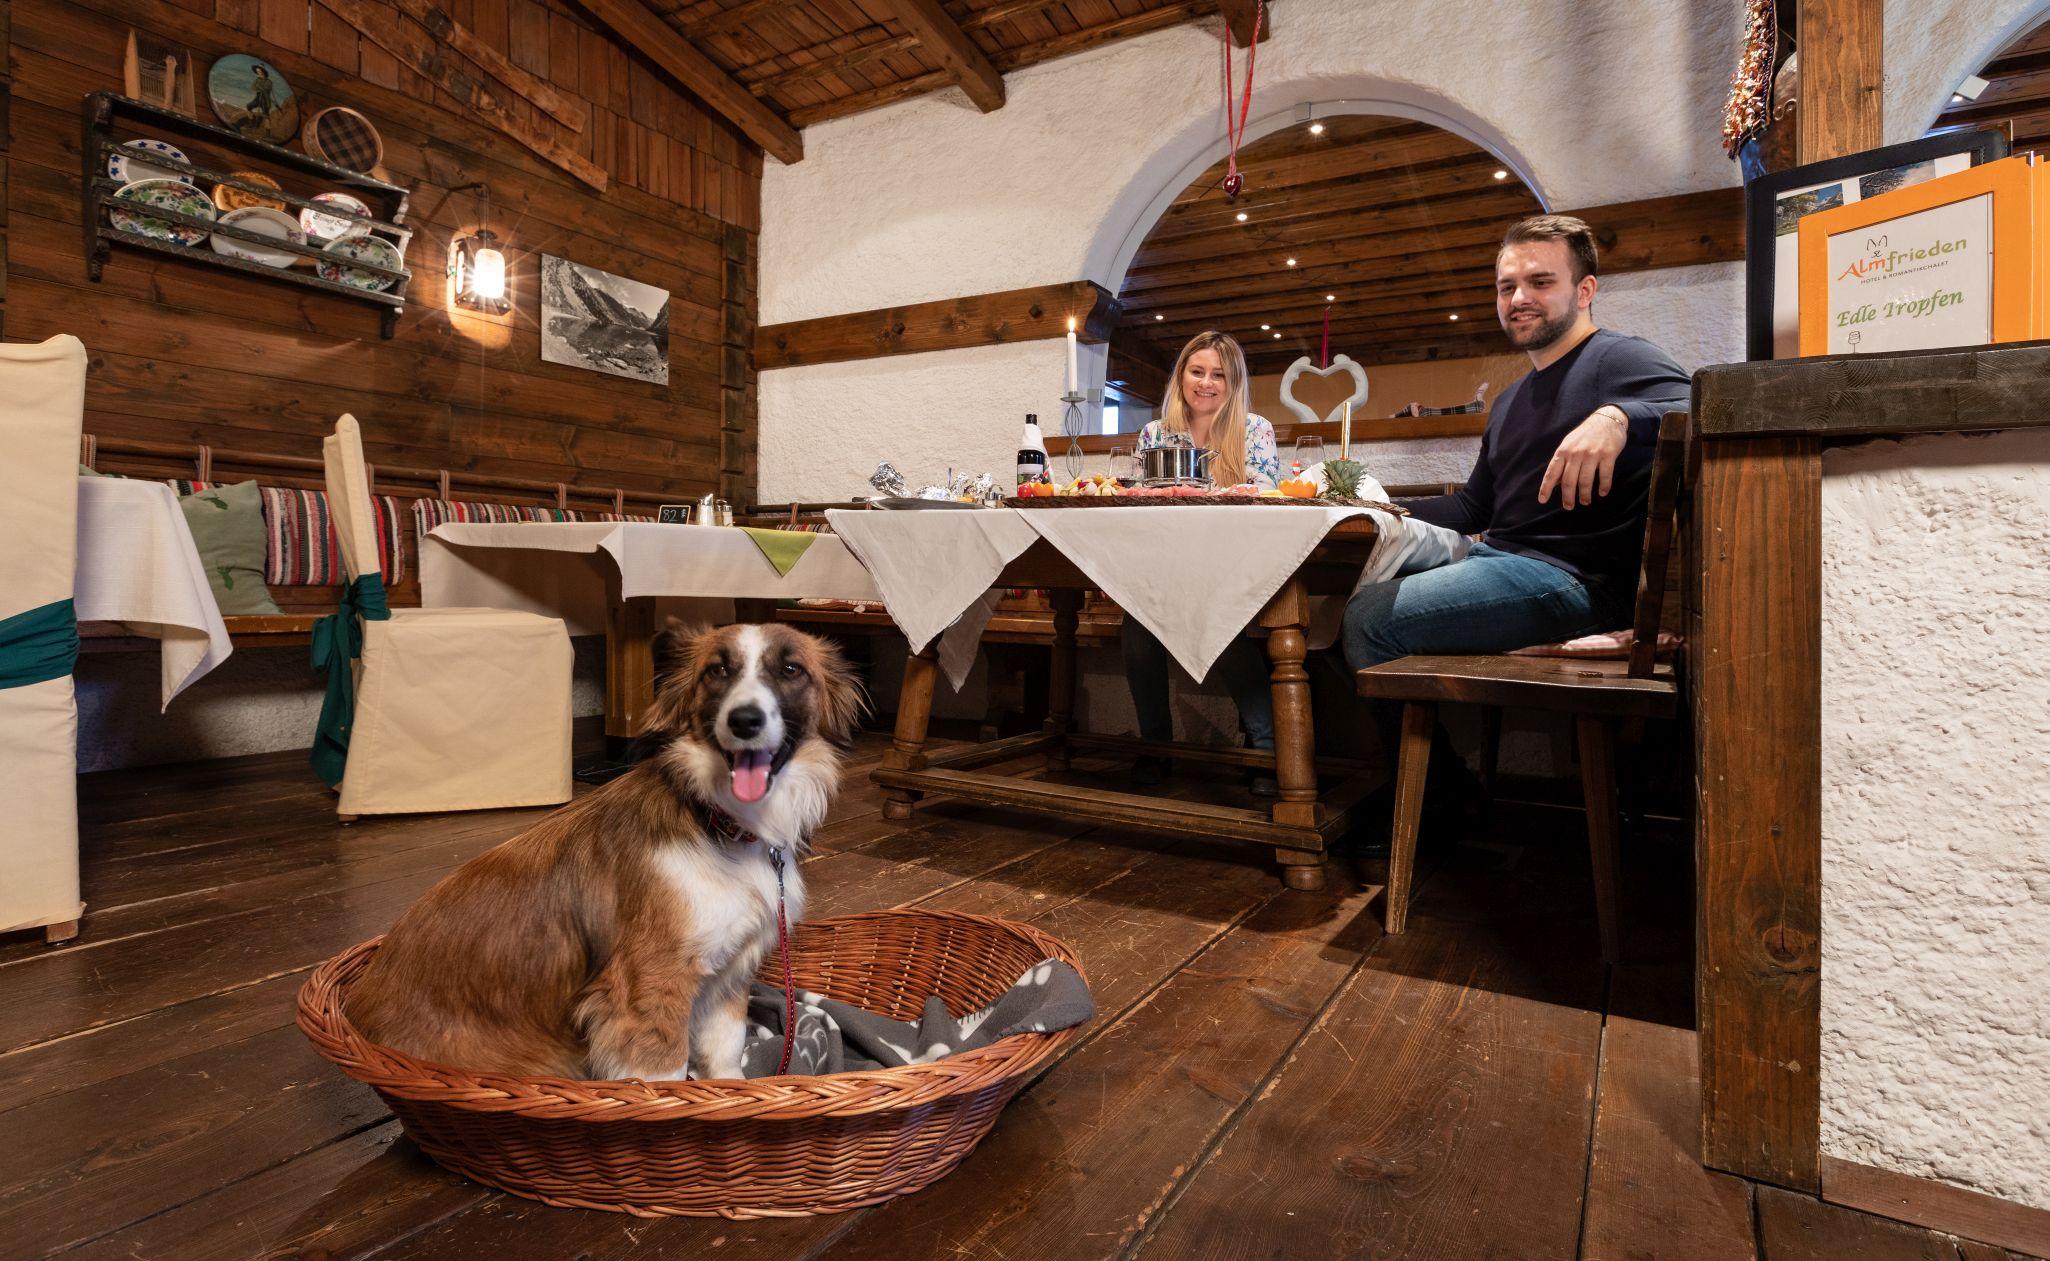 Restaurantbereich mit Hund